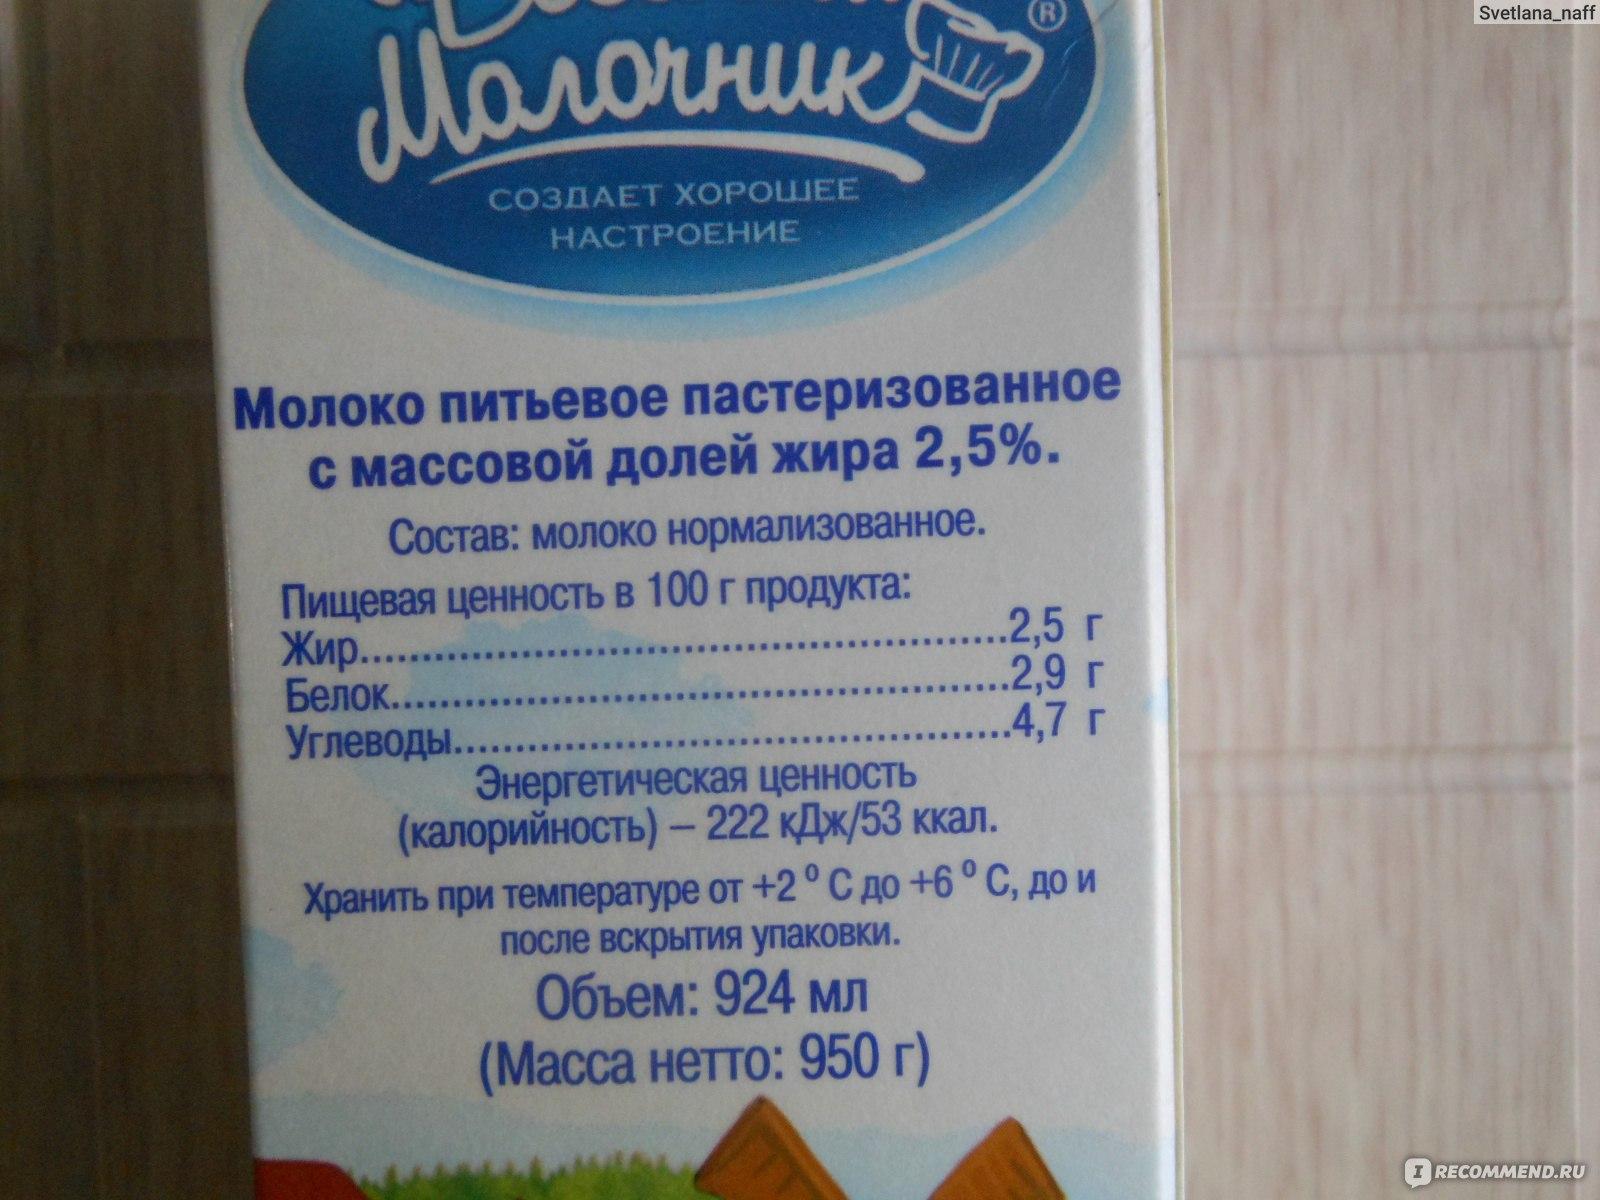 Цельное молоко: что это такое — состав, жирность, калорийность, чем отличается от обезжиренного и нормализованного — moloko-chr.ru